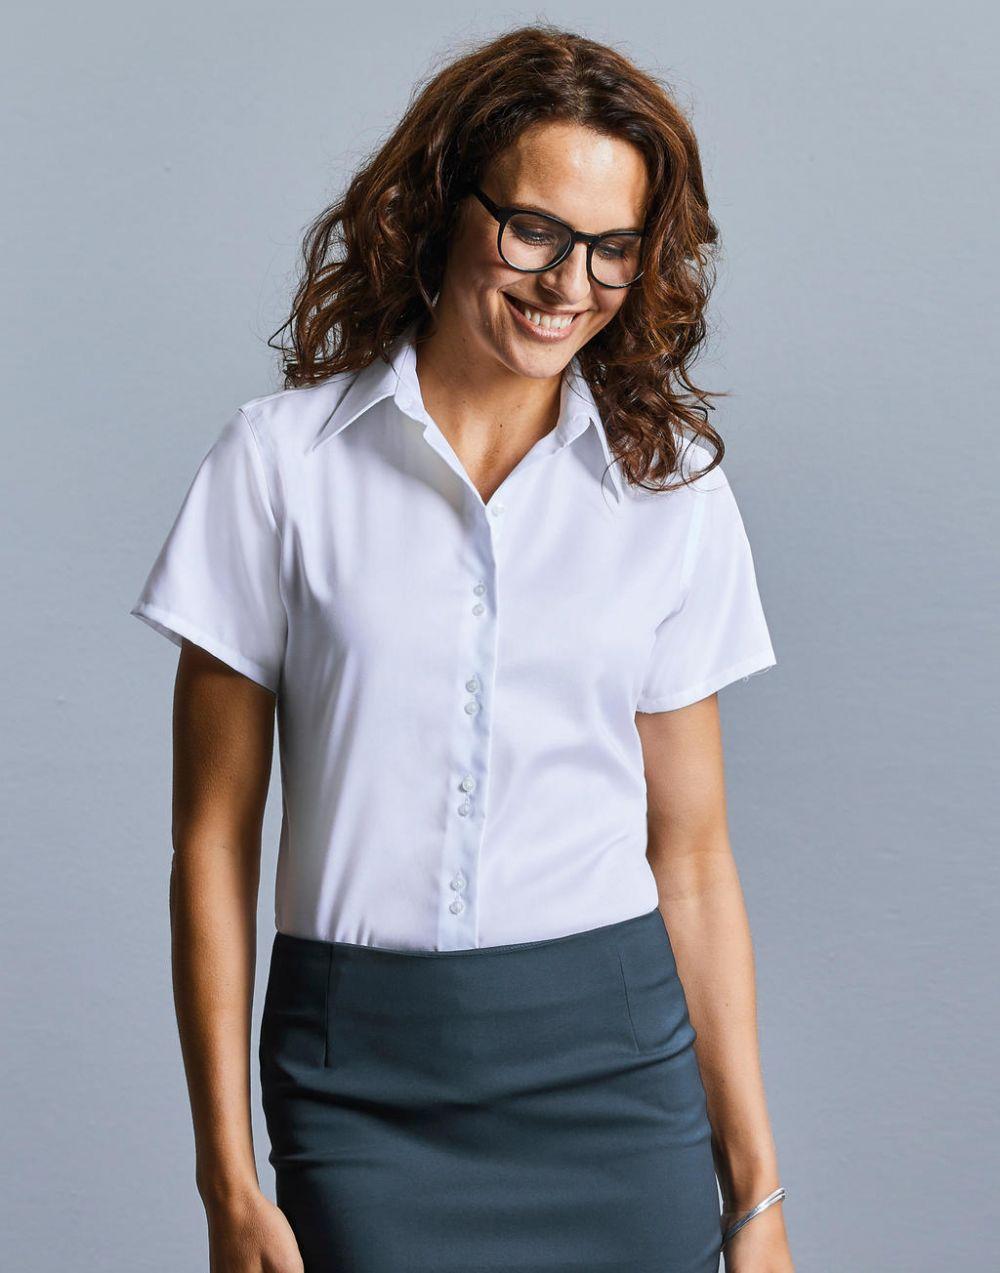 Camisas manga corta russell ultimate mujer con publicidad vista 1